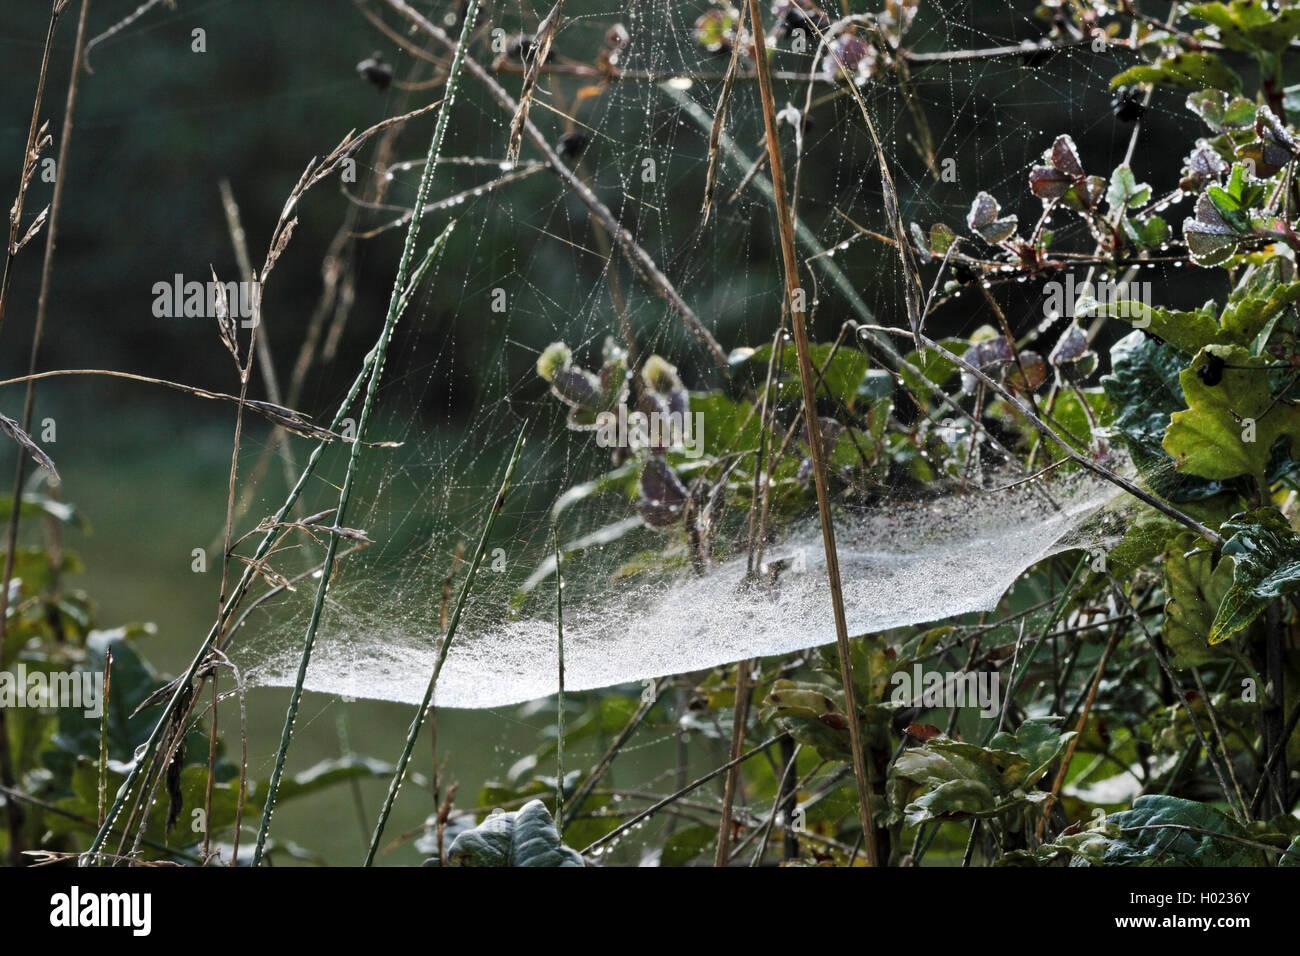 Gemeine Baldachinspinne, Baldachinspinne, Baldachin-Spinne (Linyphia triangularis), Spinnennetz mit Morgentau, Deutschland - Stock Image